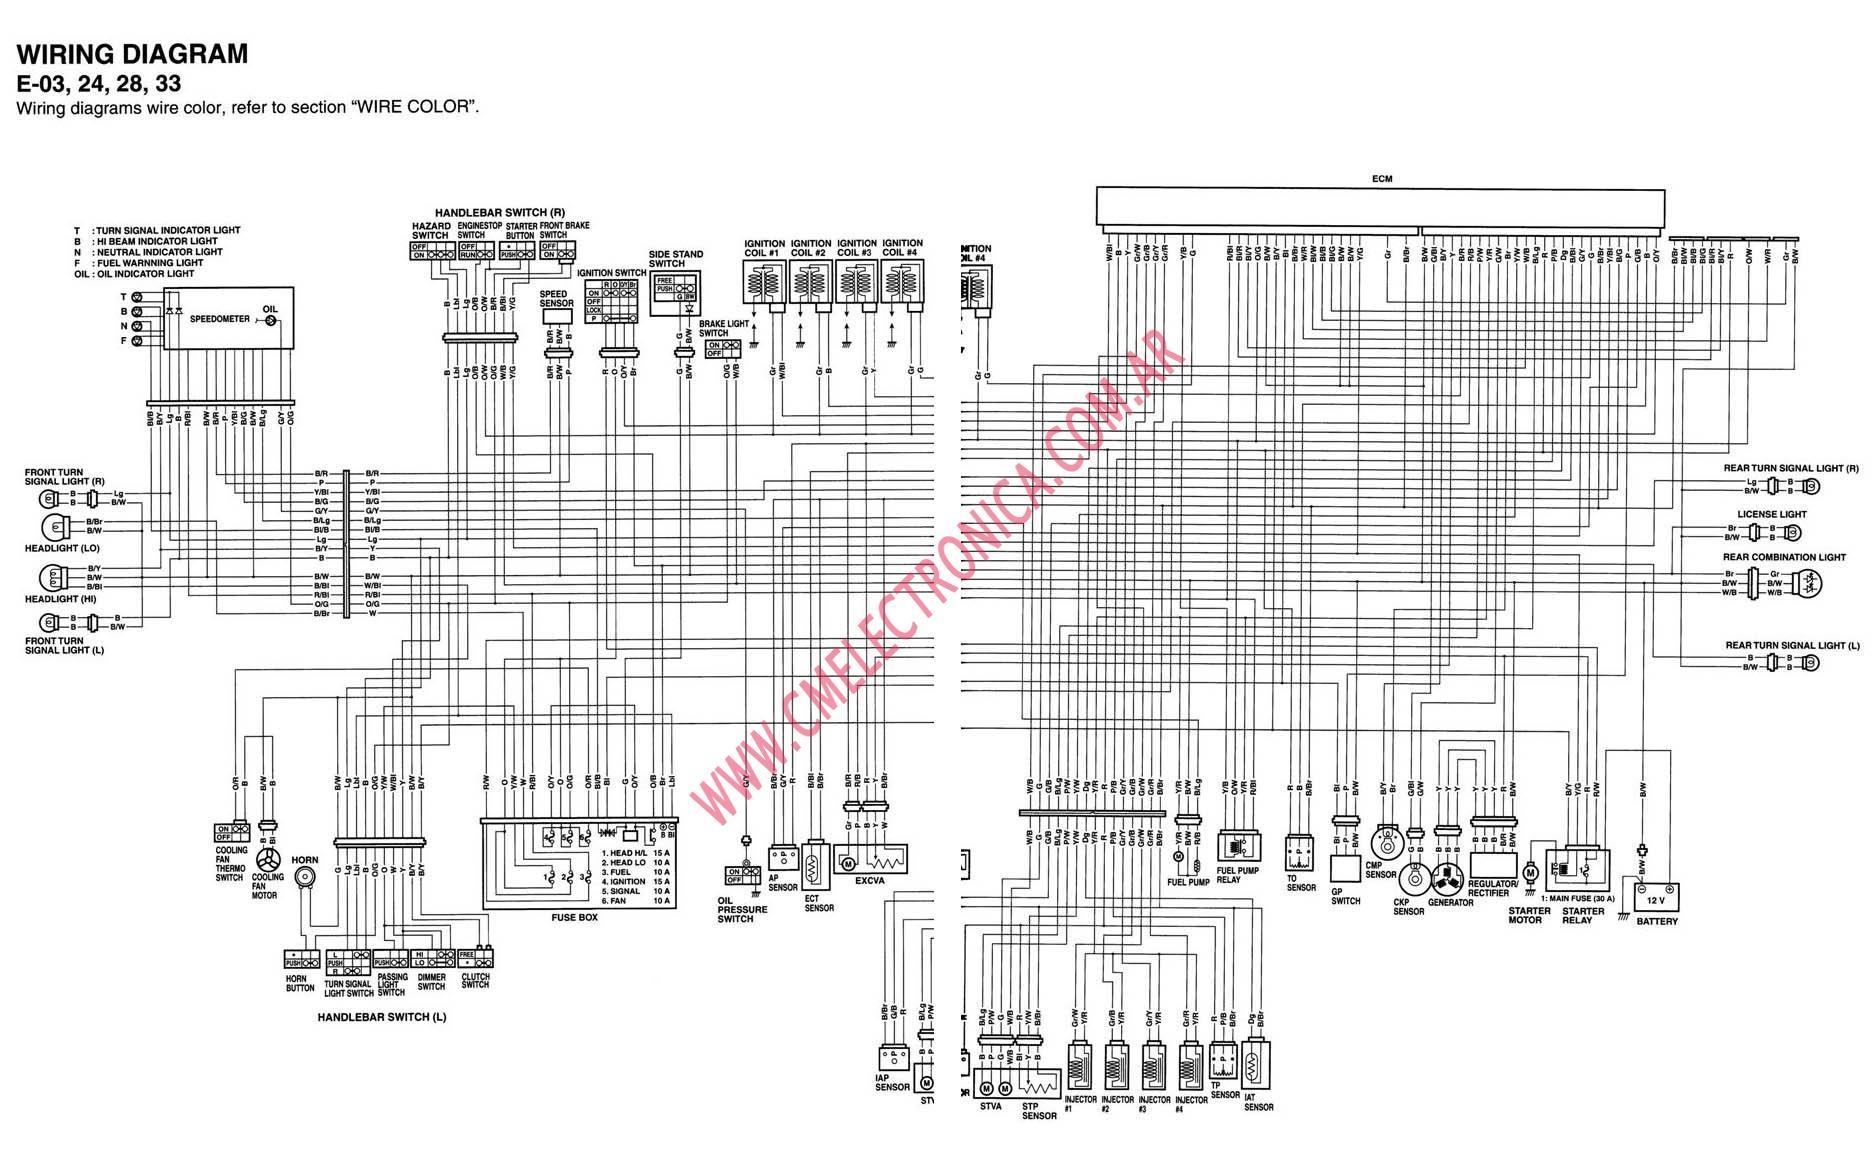 SG_4527] Wiring Diagram 2006 Suzuki Gsxr 1000 Wiring DiagramPonol Epsy Momece Papxe Mohammedshrine Librar Wiring 101